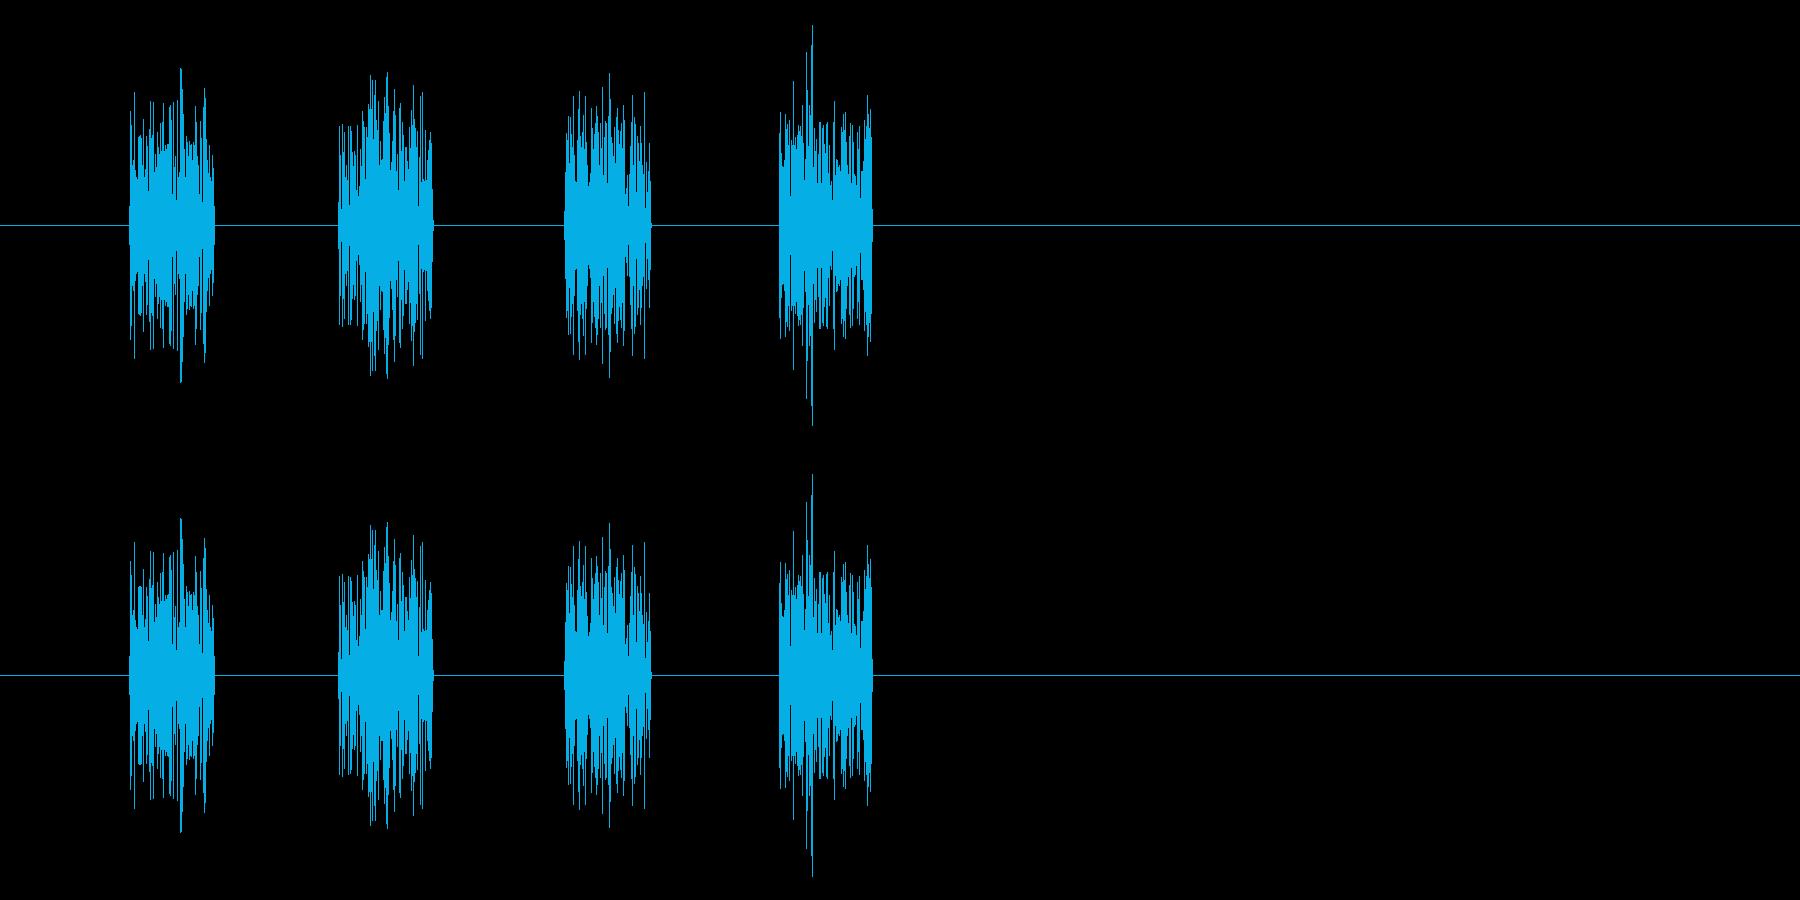 【NES RPG02-01(入る)】の再生済みの波形